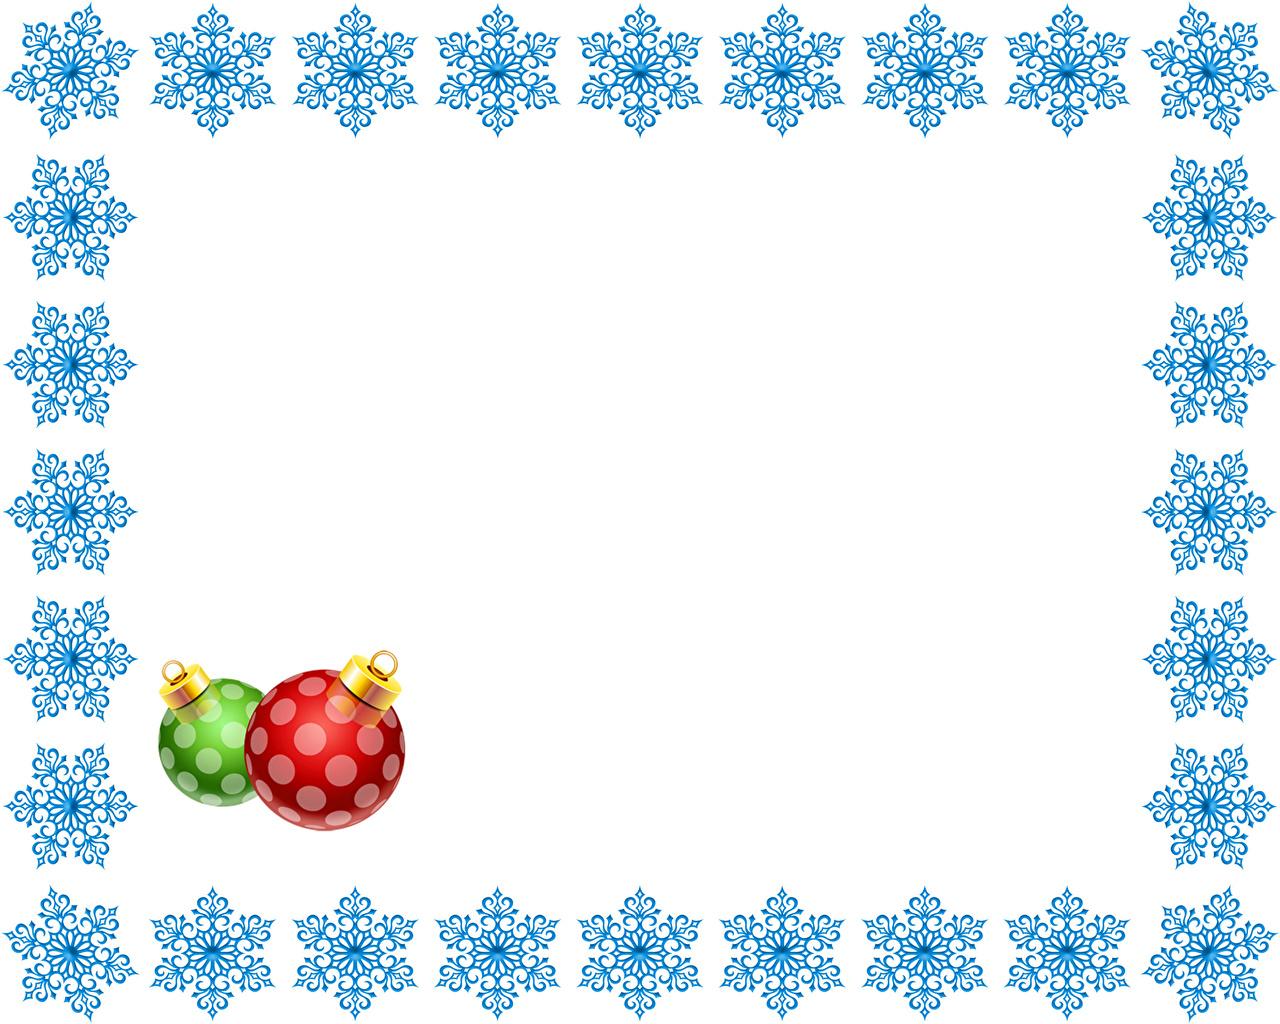 Обои для рабочего стола Рождество Снежинки Шар Шаблон поздравительной открытки Новый год снежинка Шарики